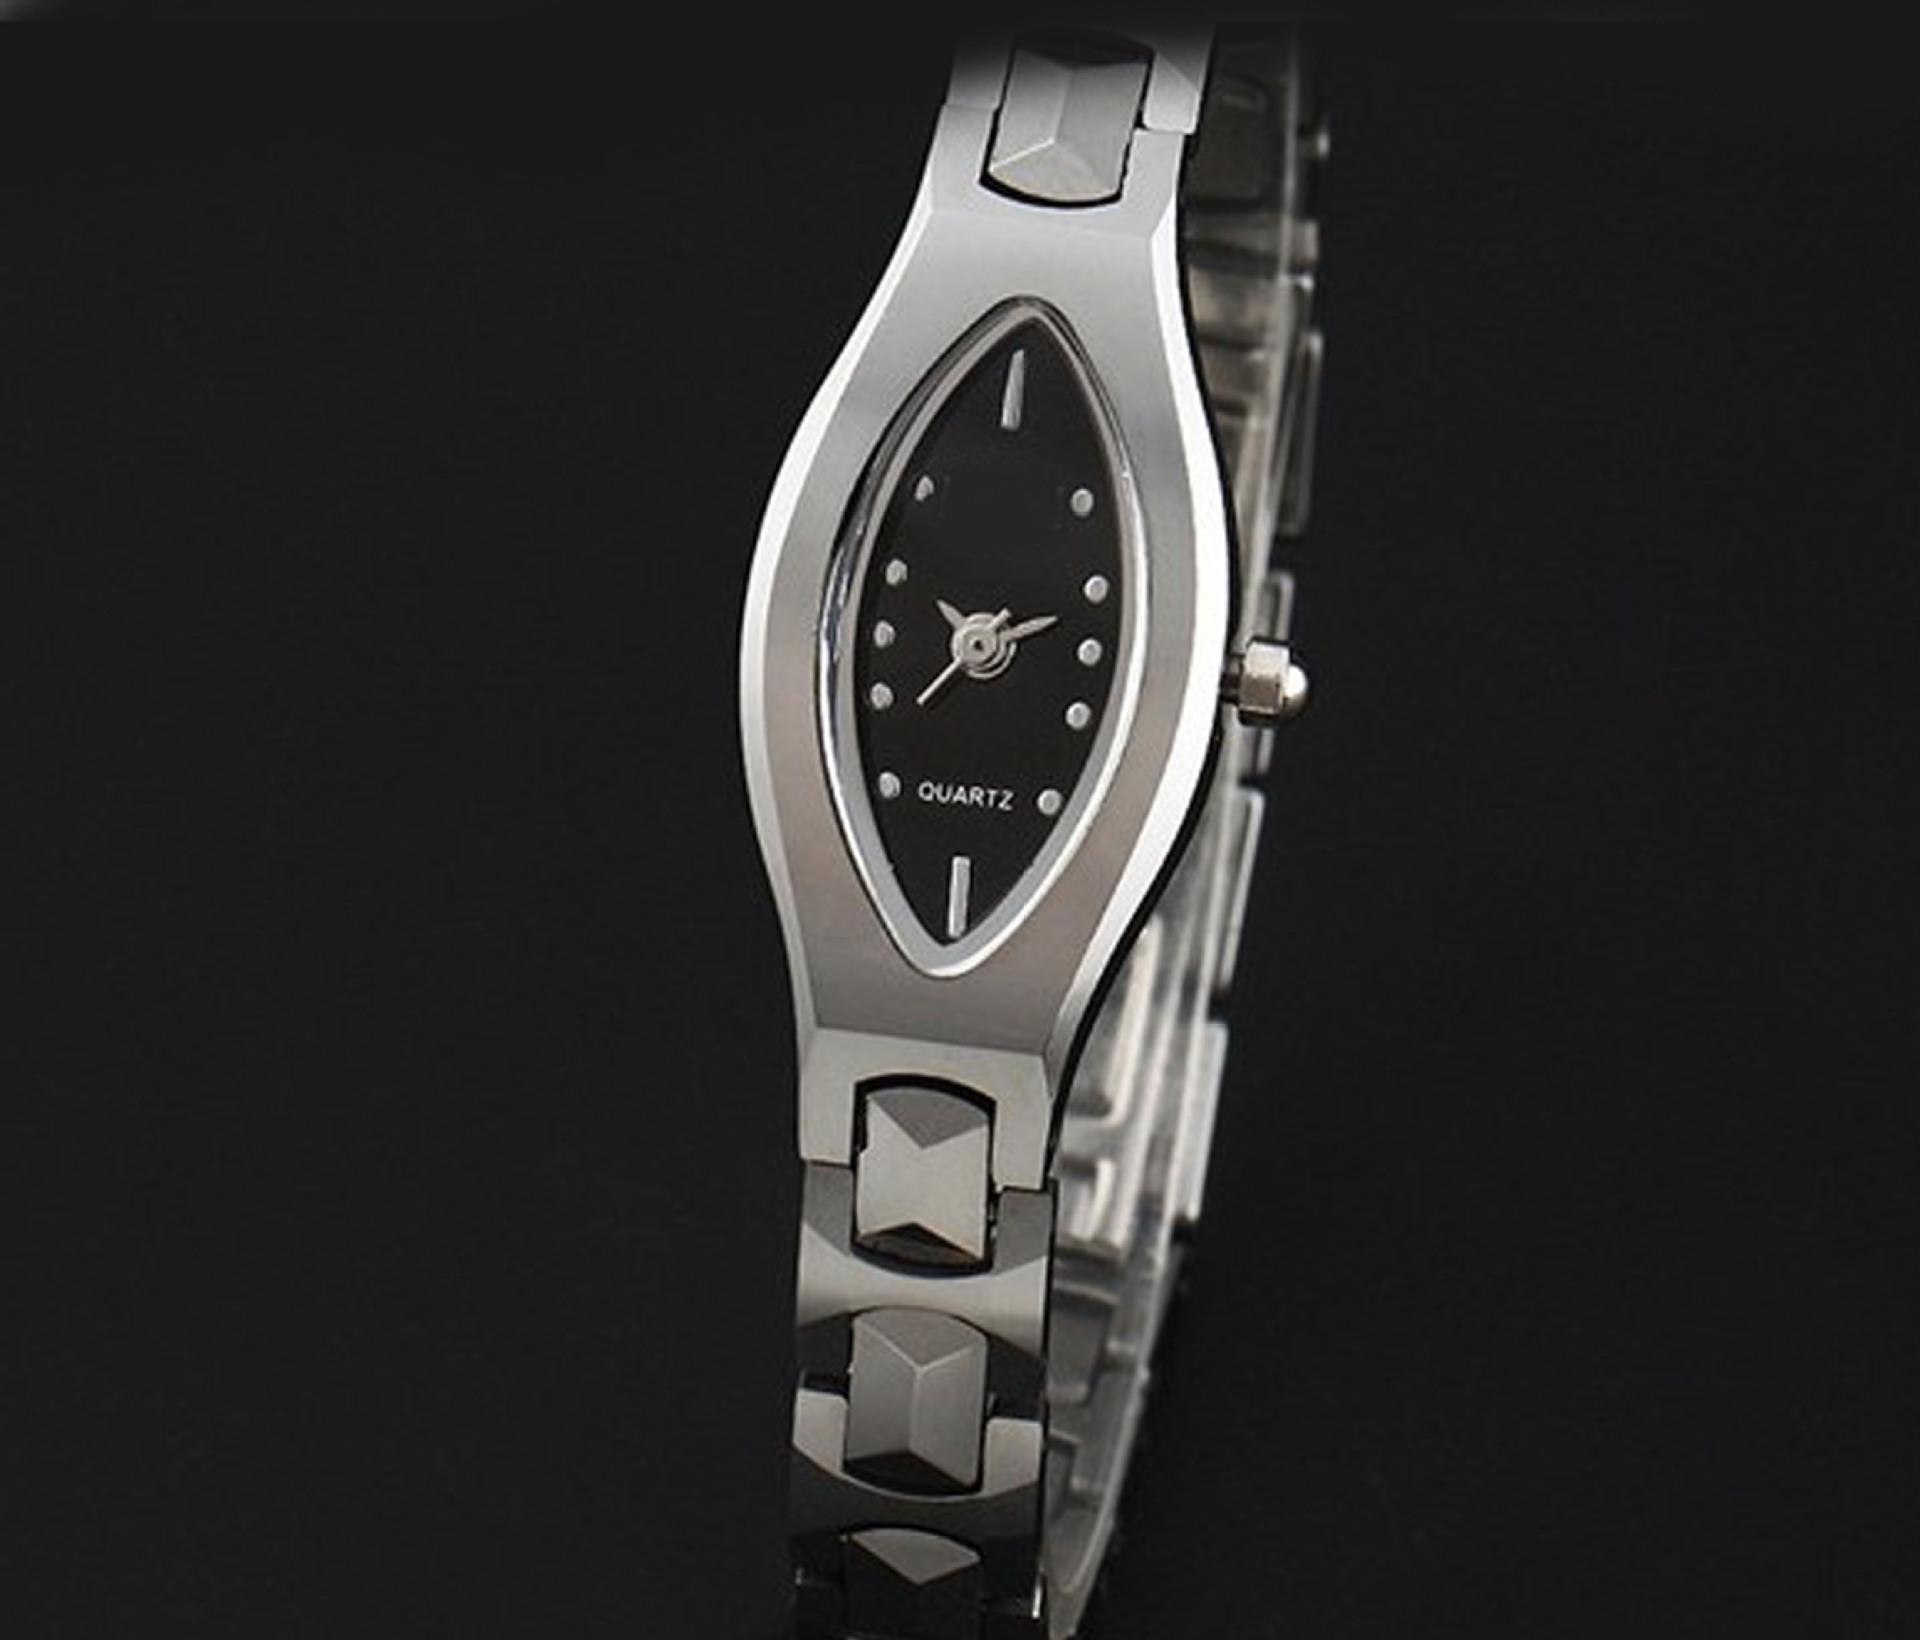 Shenzhen sapphire suppliers customized watch tungsten single force ladies watch international brand watches(China (Mainland))